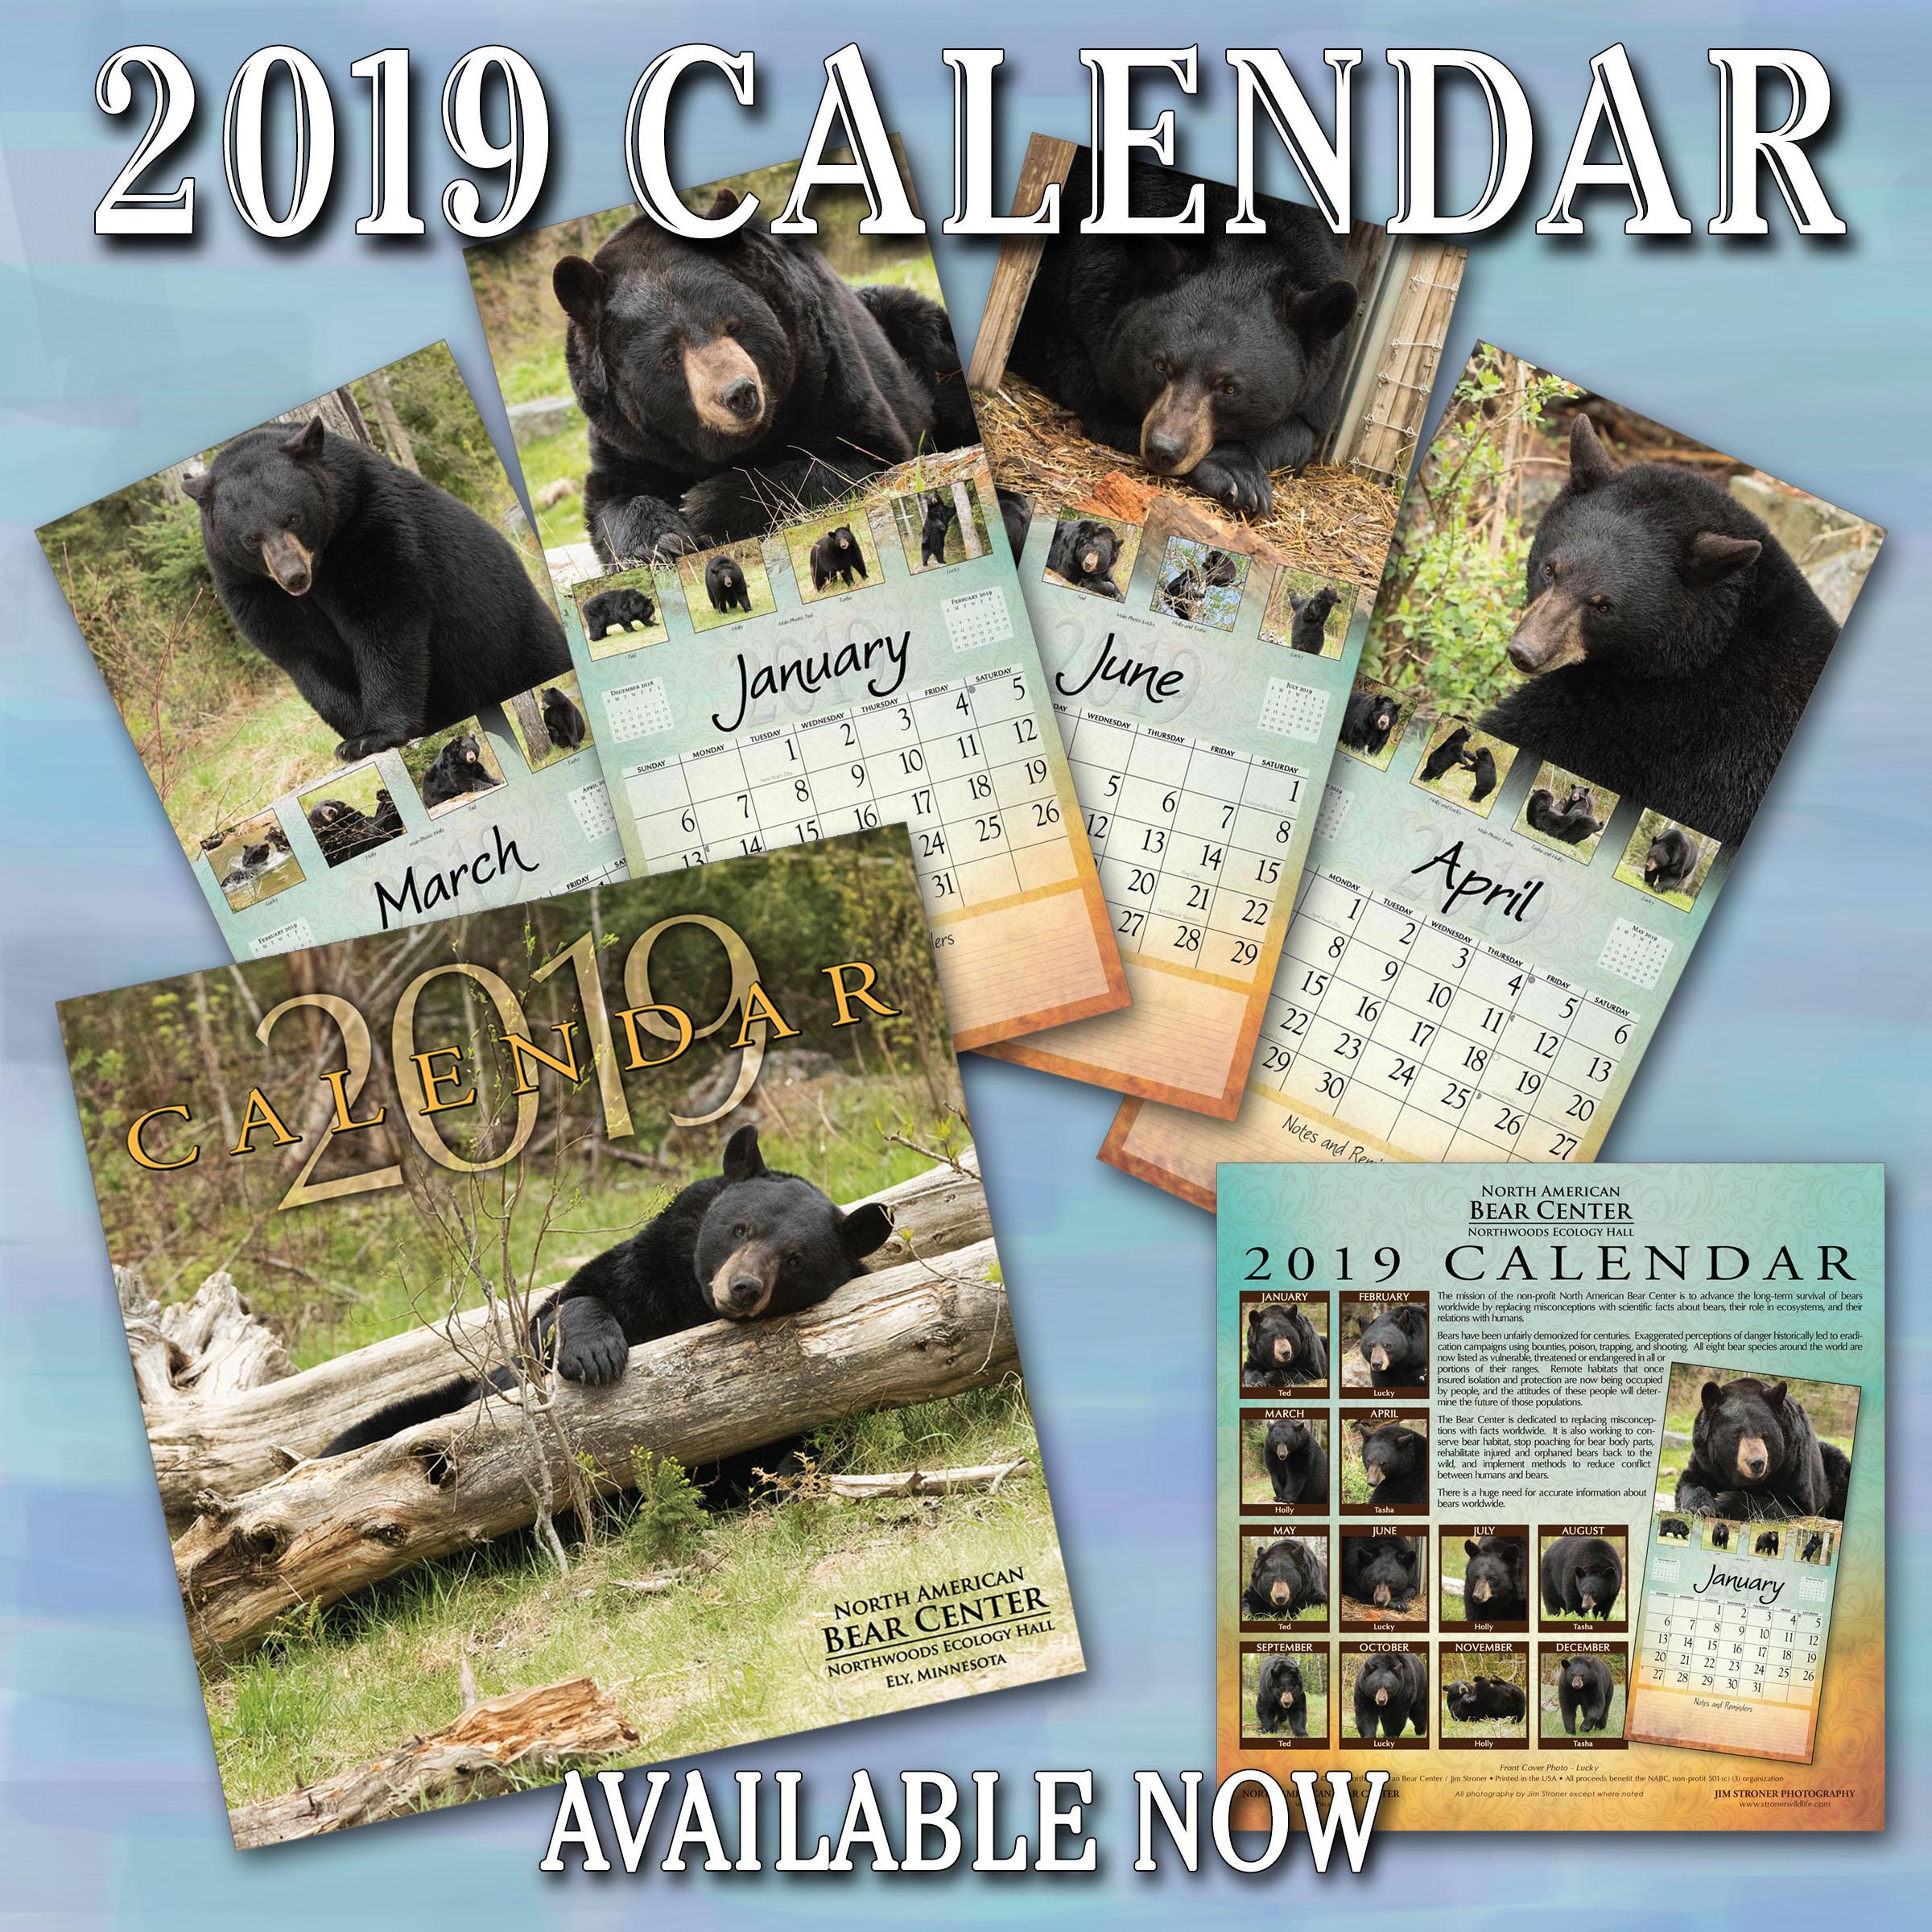 Bear Center 2019 Calendar